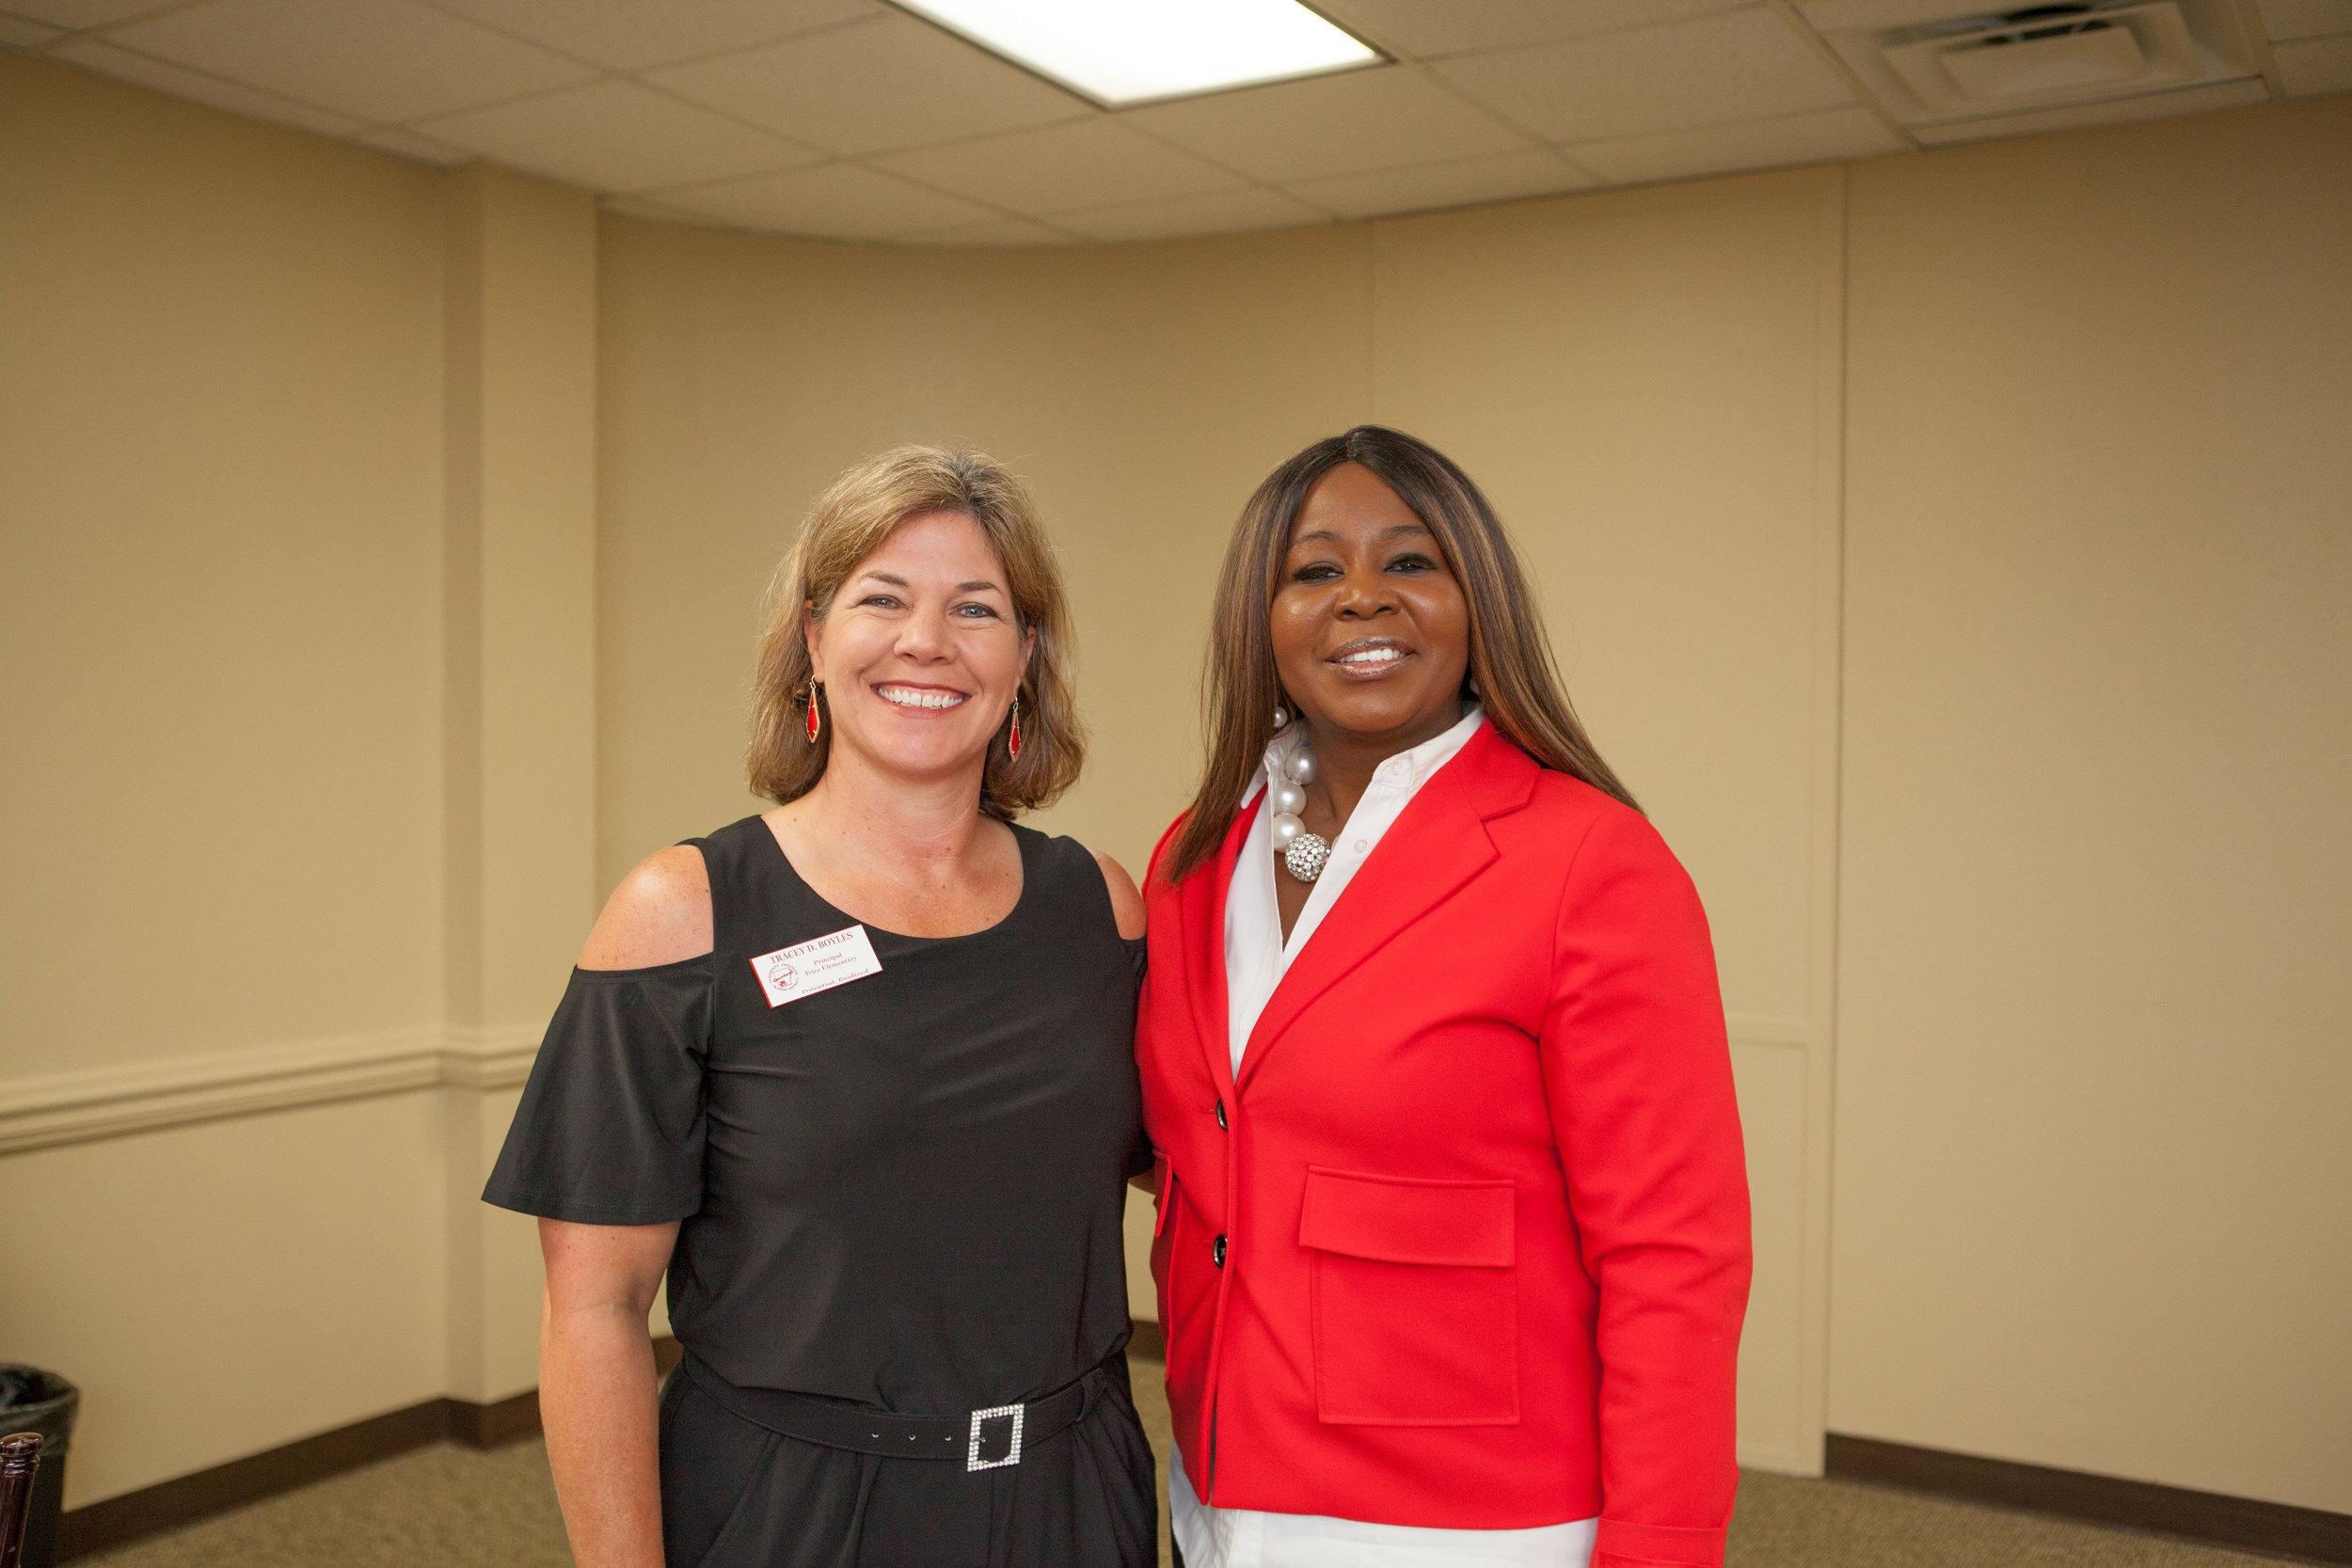 Tracey Boyles and Lekia Jones